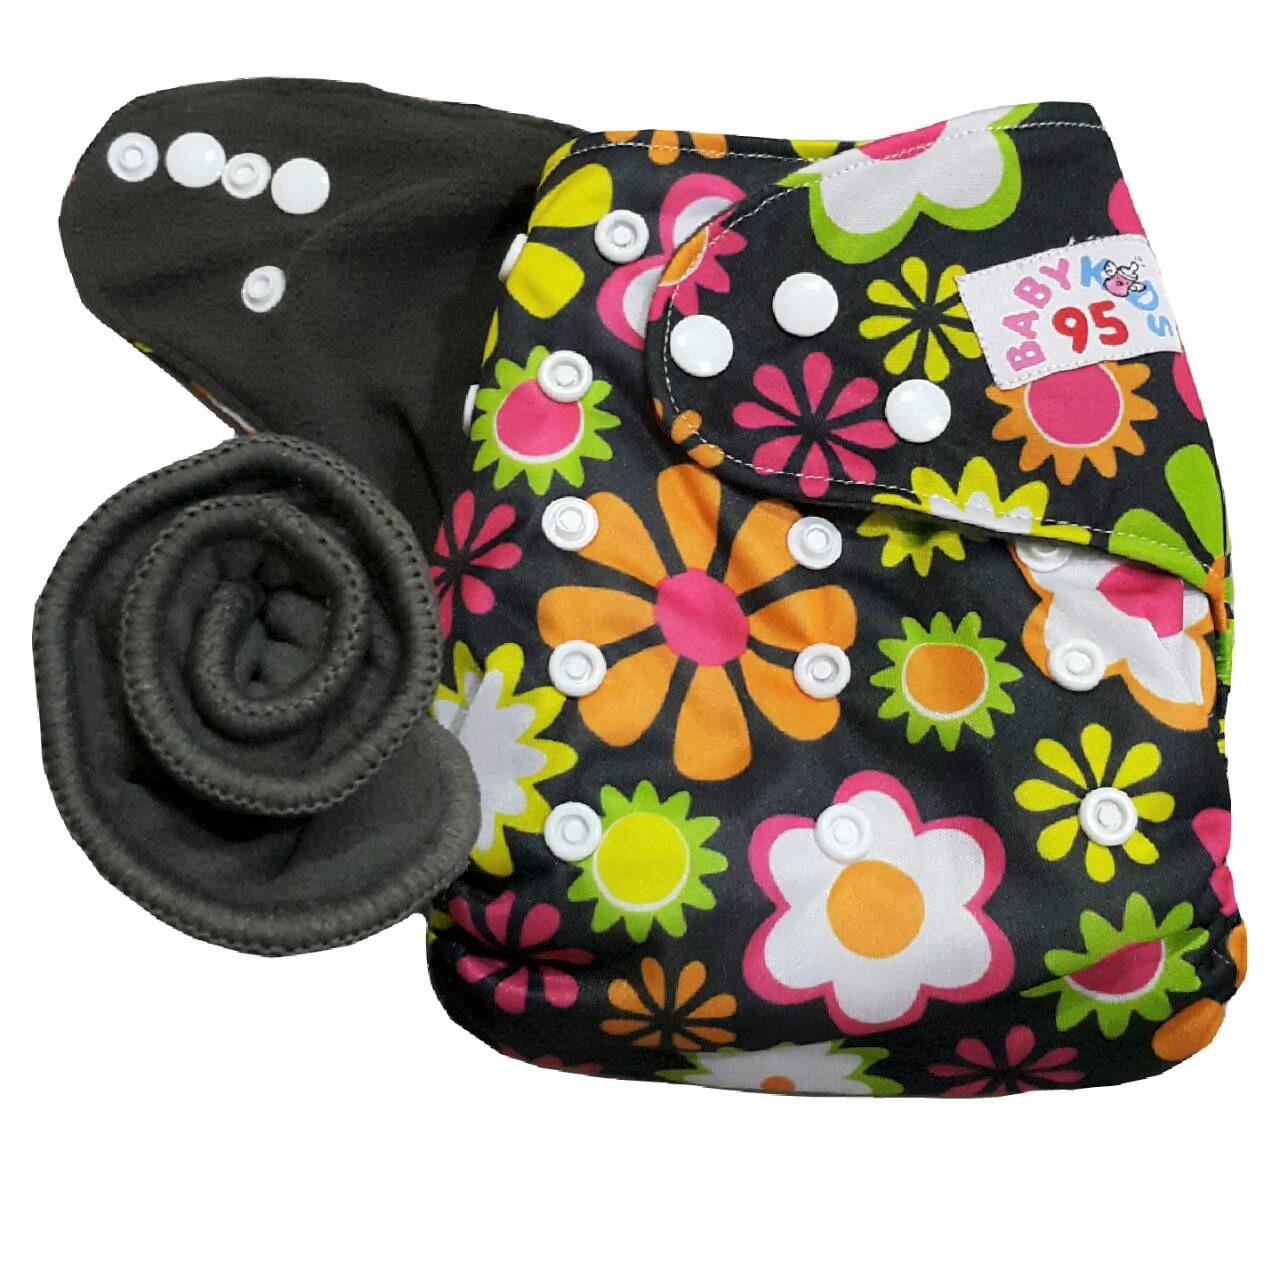 กางเกงผ้าอ้อมชาโคลขอบปกป้อง แถมแผ่นซับชาโคลหนา5ชั้น 1แผ่น - Flower